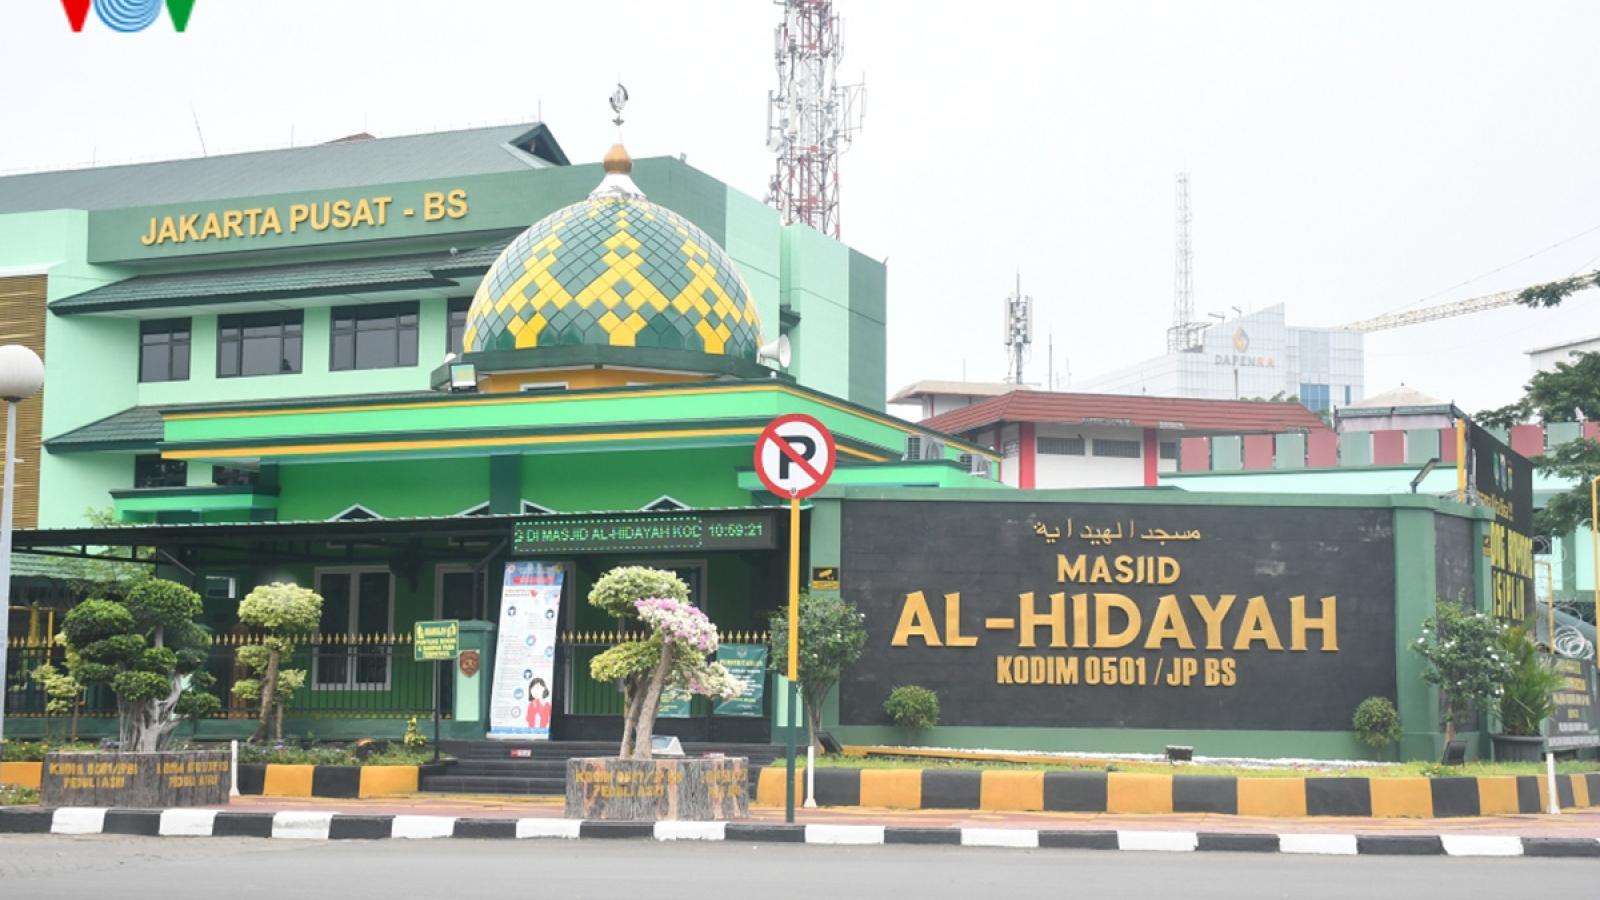 """Mở cửa sân bay và chợ, Indonesia đang """"liều lĩnh"""" với dịch Covid-19?"""